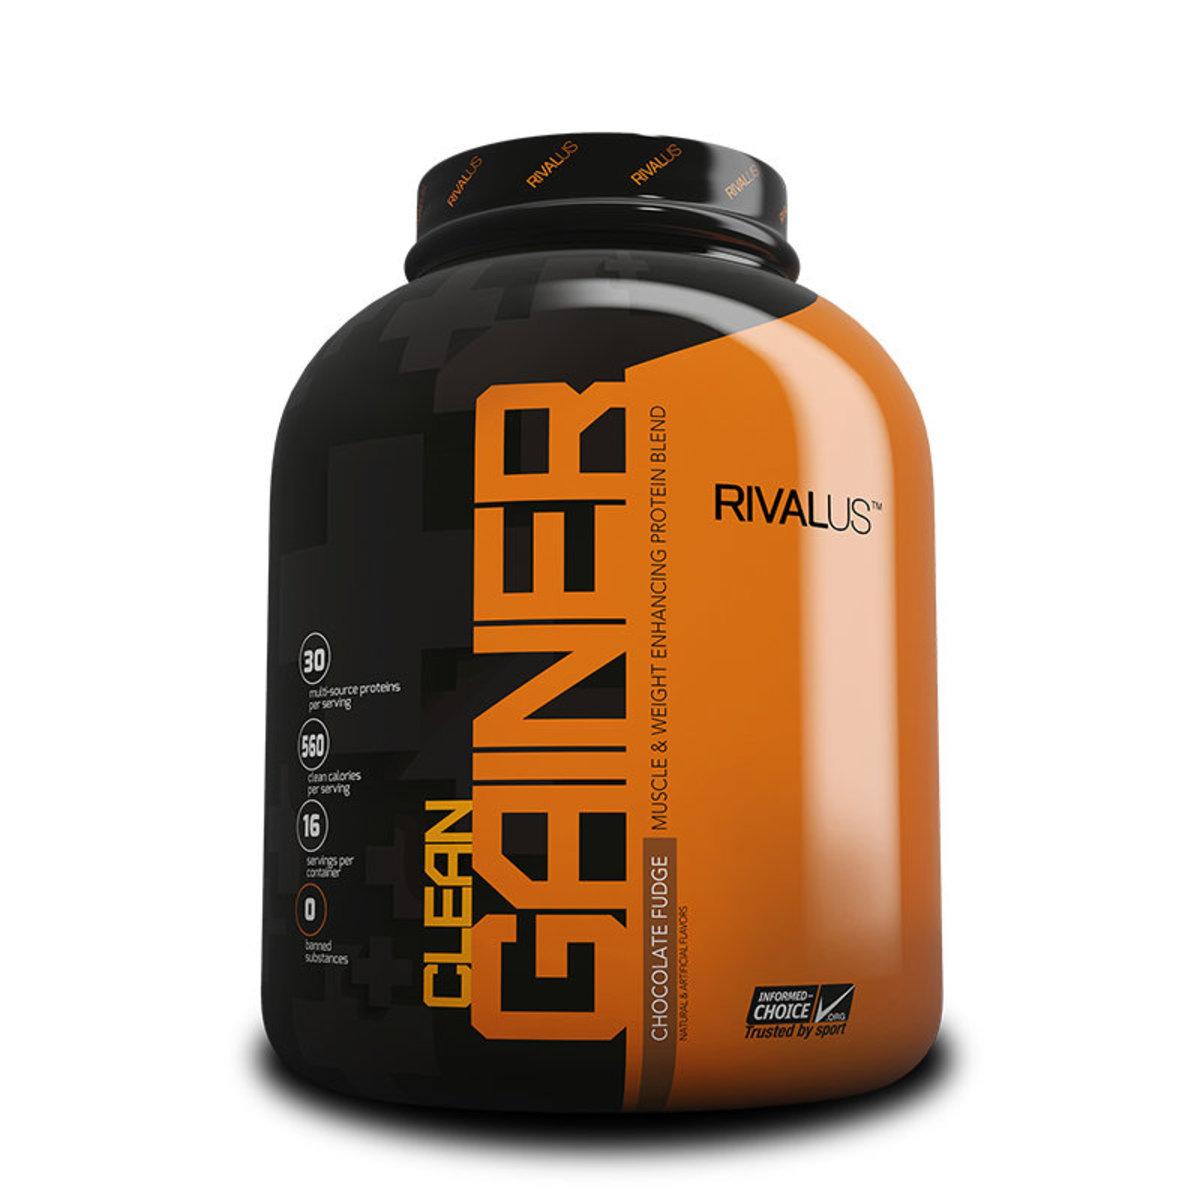 Clean Gainer 5磅增肌粉-流心朱古力味 | 增肌增重  | 瘦底救星  | 美國製造